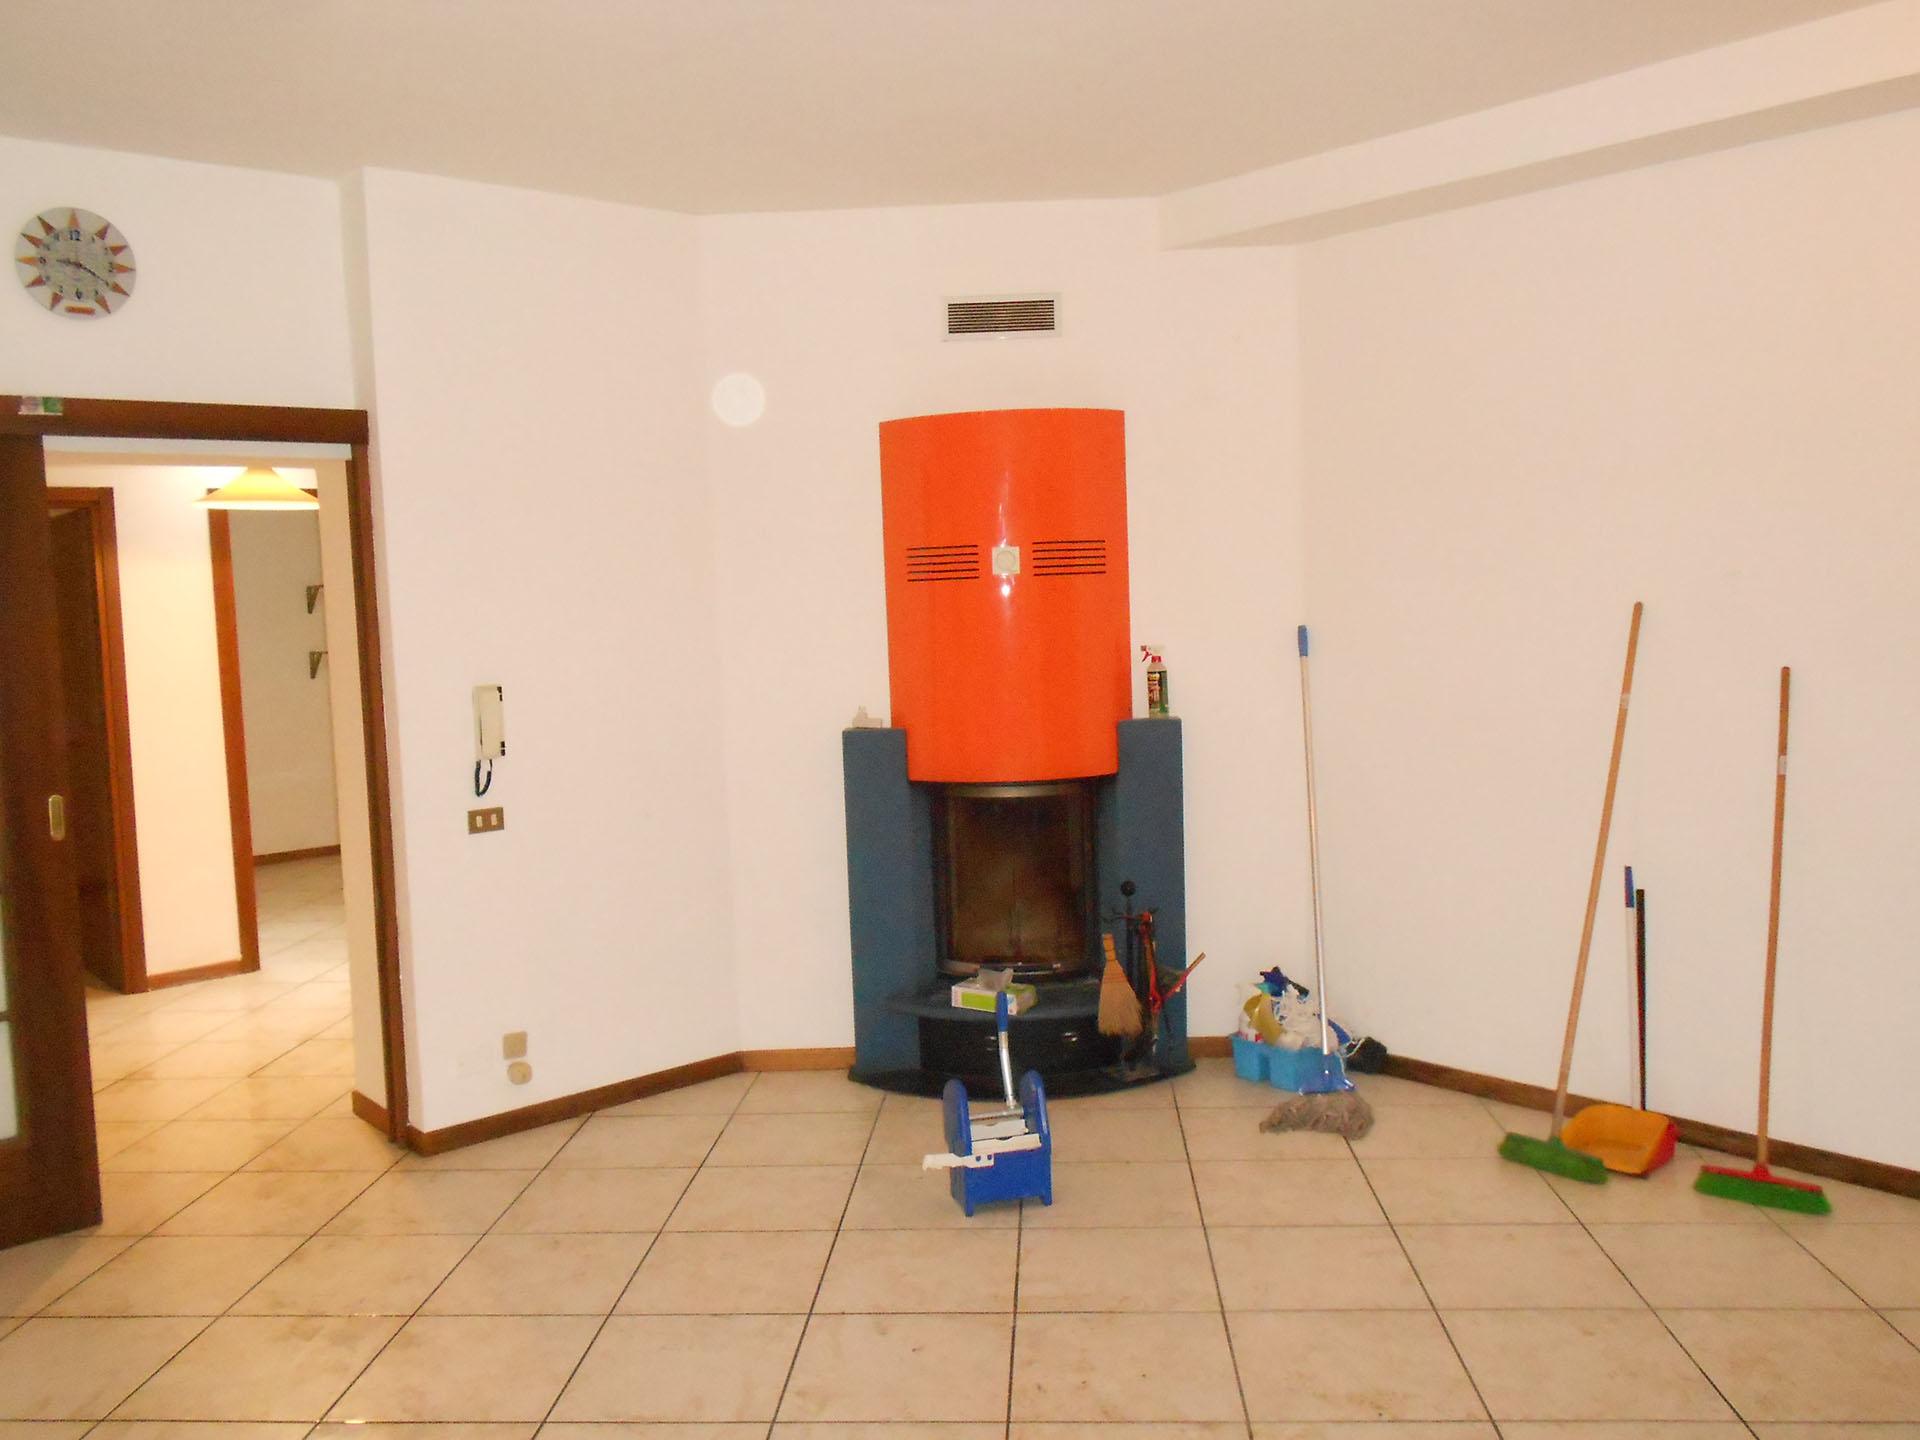 pulizie abitazione 2